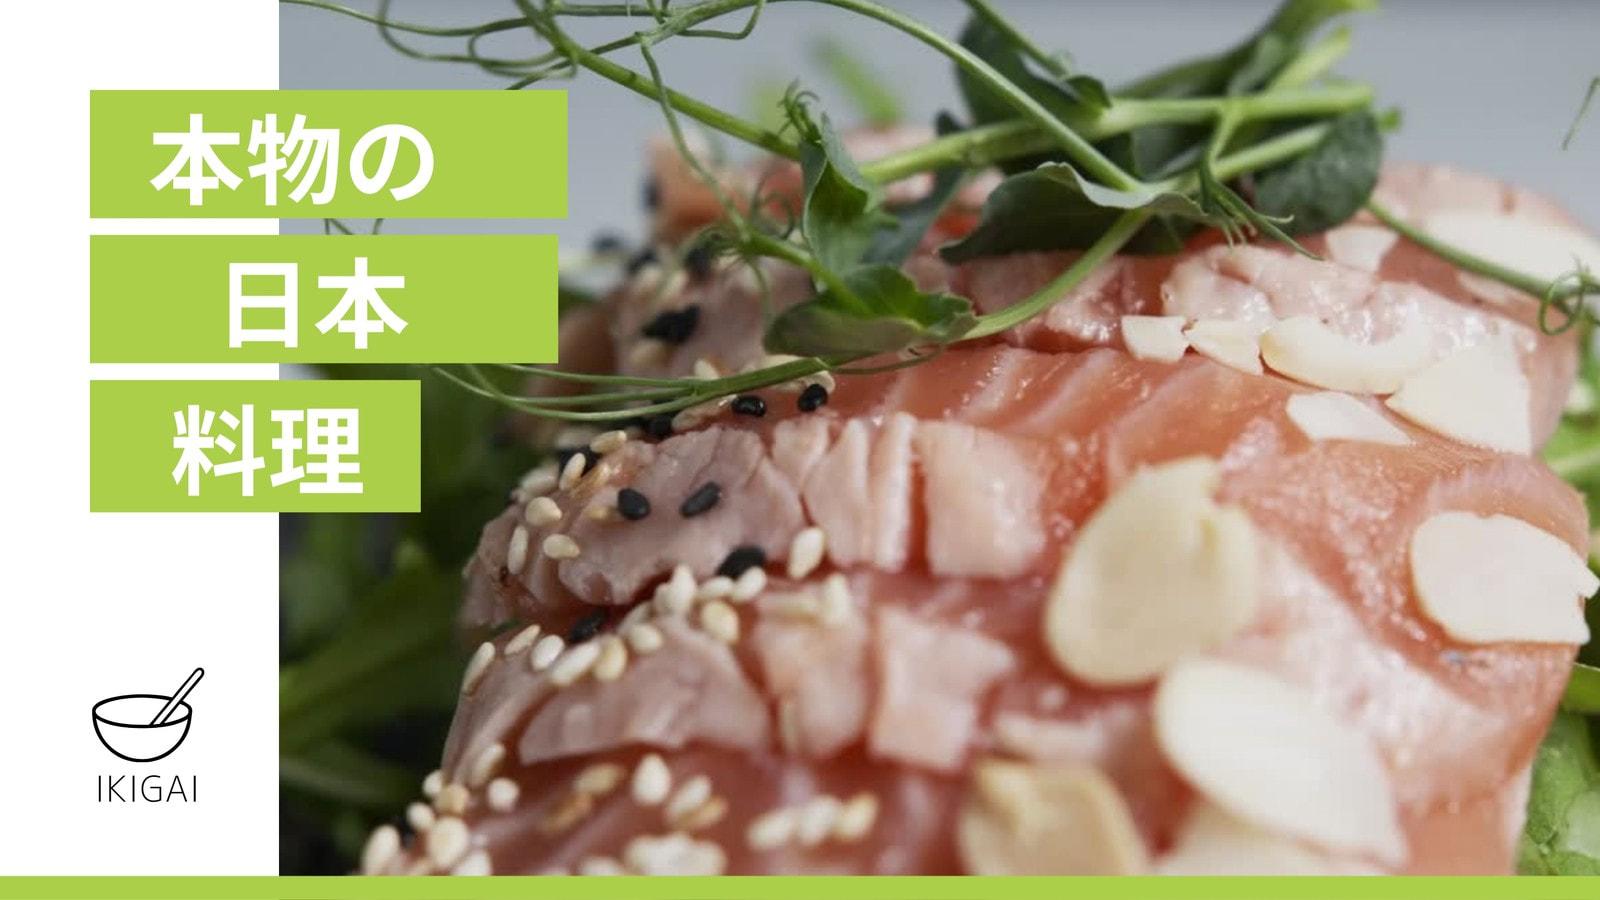 緑と白 日本食ビジネス・レストラン 16:9 動画